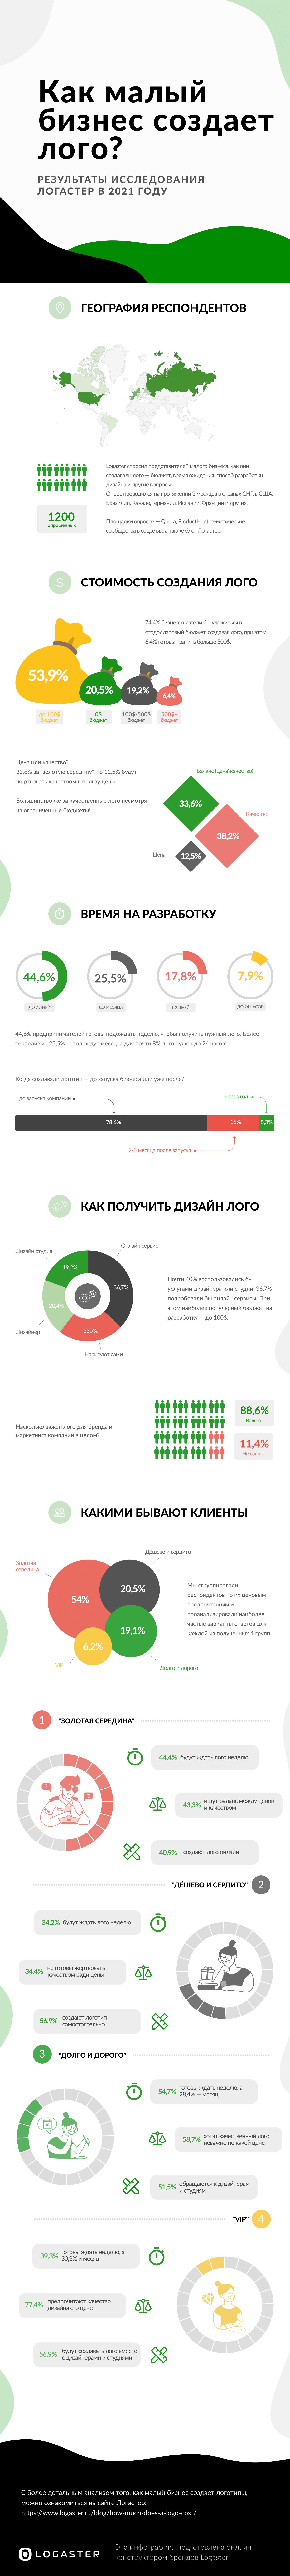 Как малый бизнес создает лого в 2021? (Инфографика)